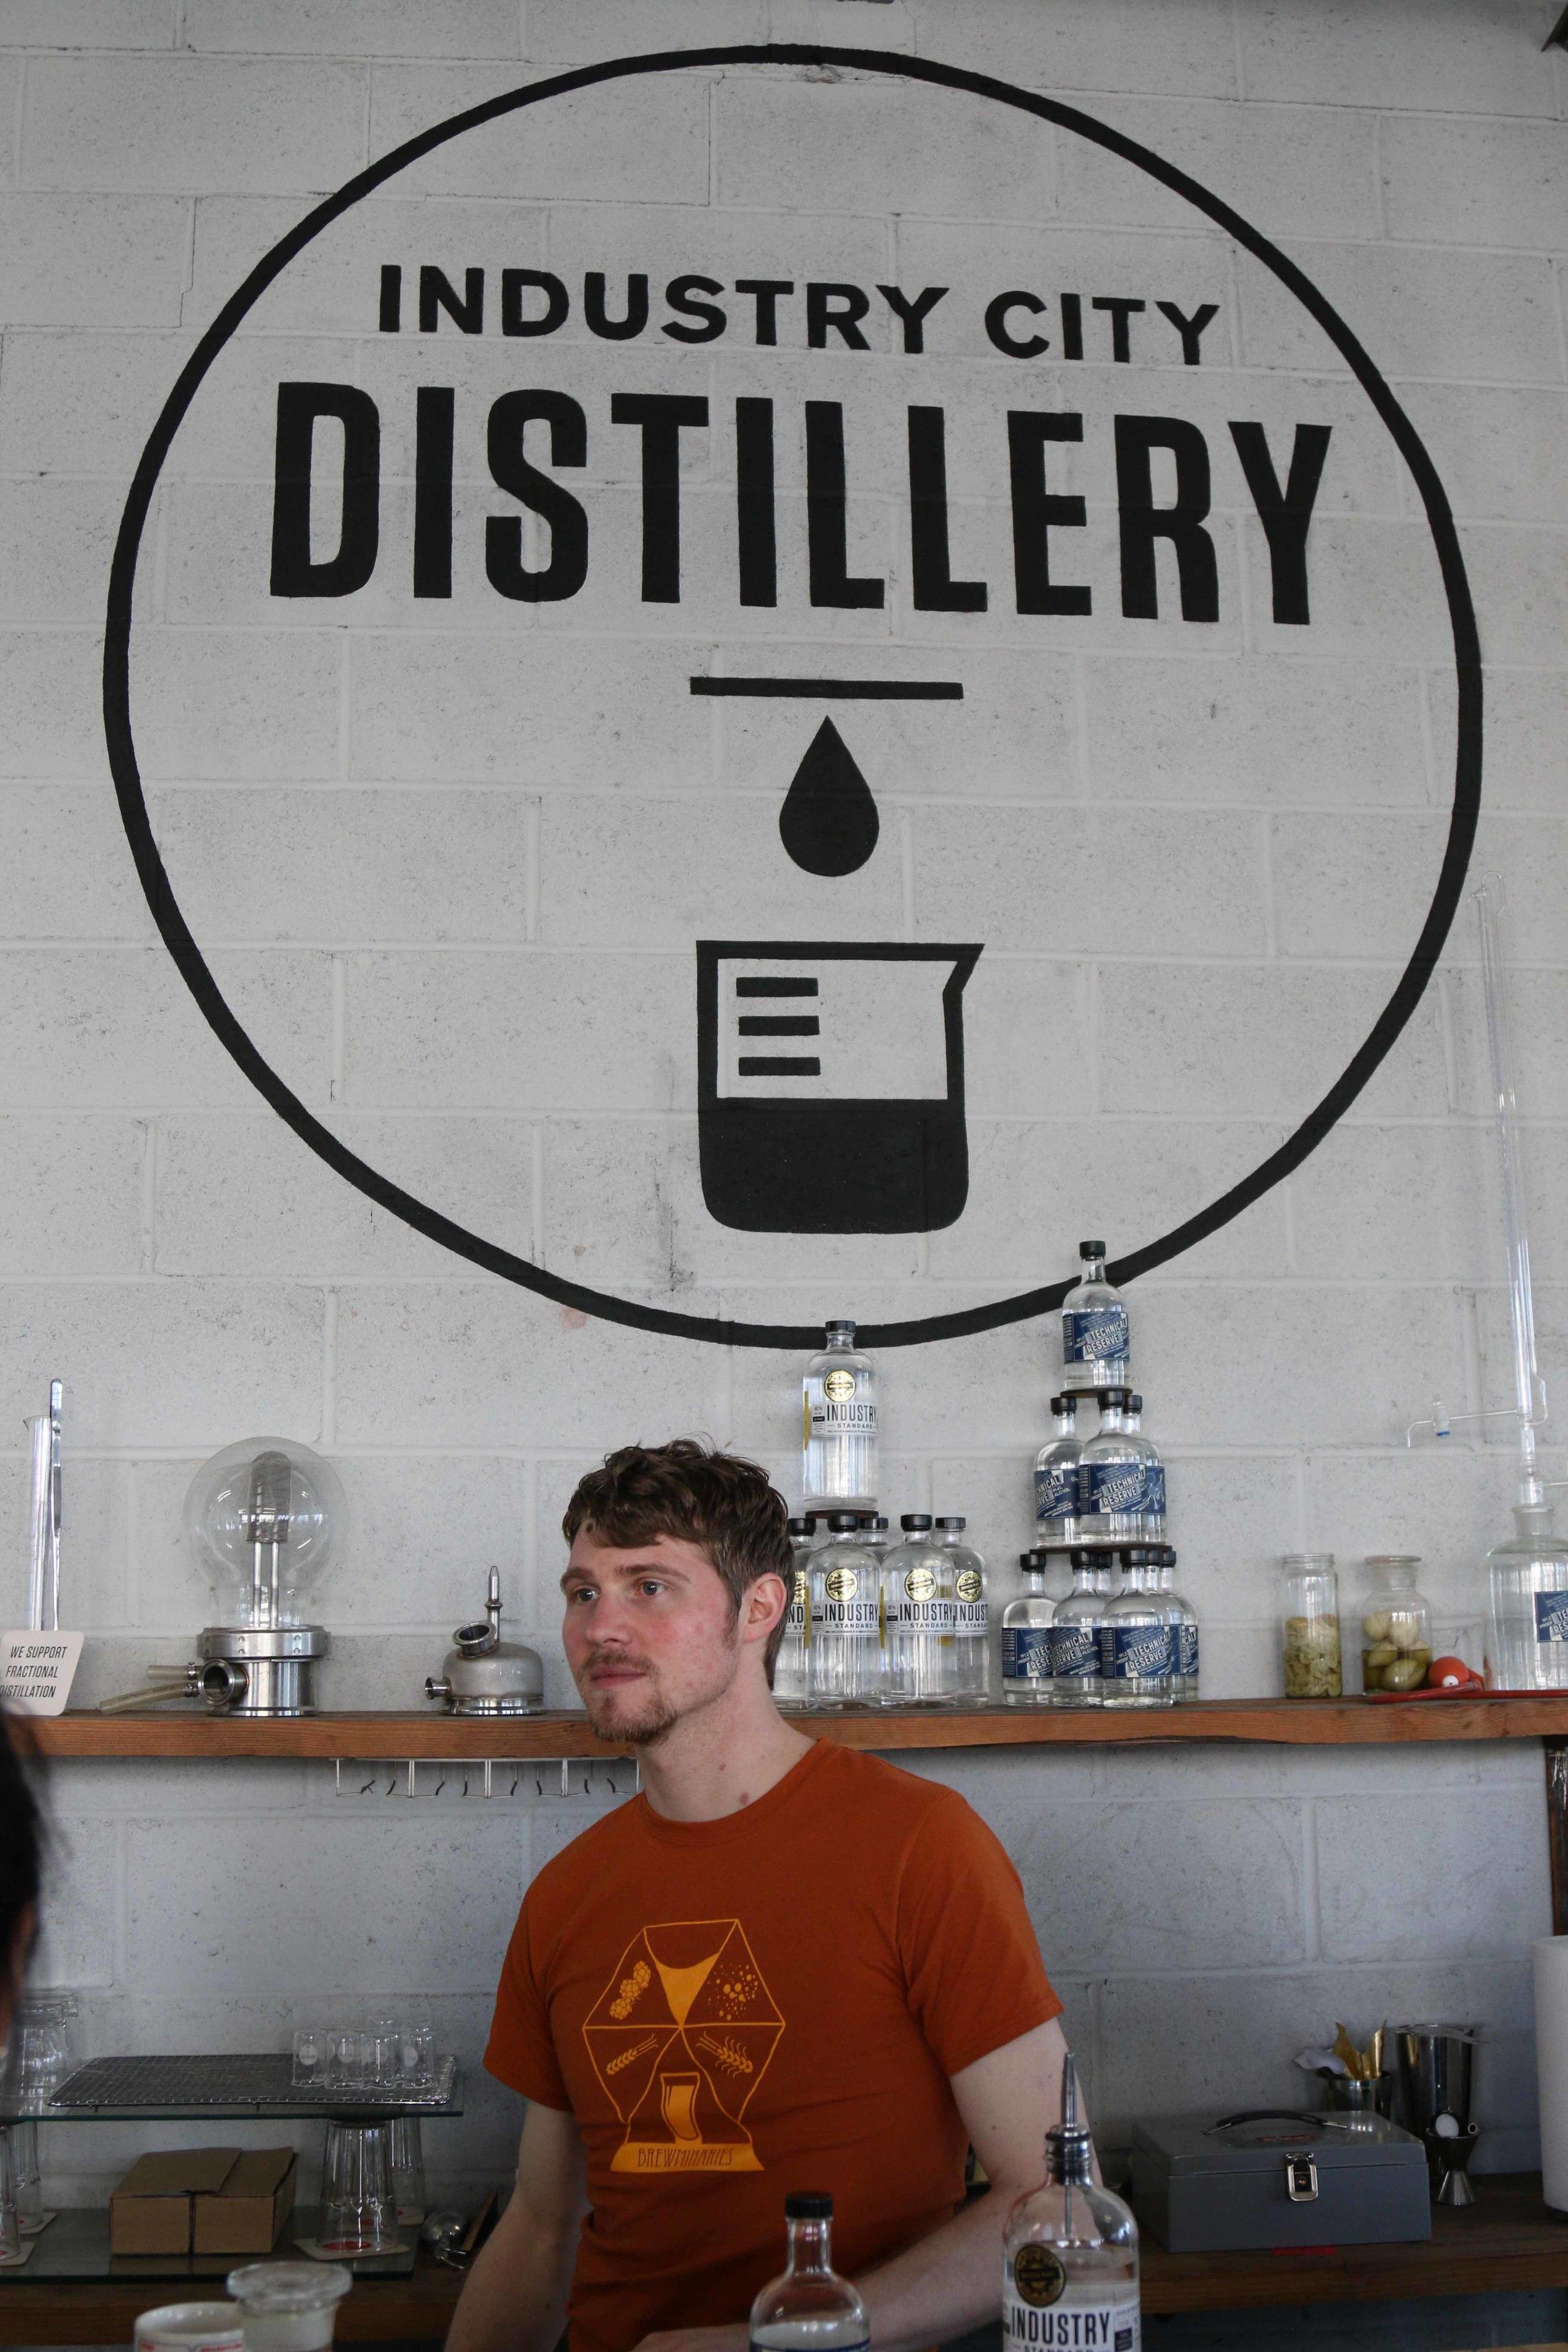 Meet David of Industry City Distillery